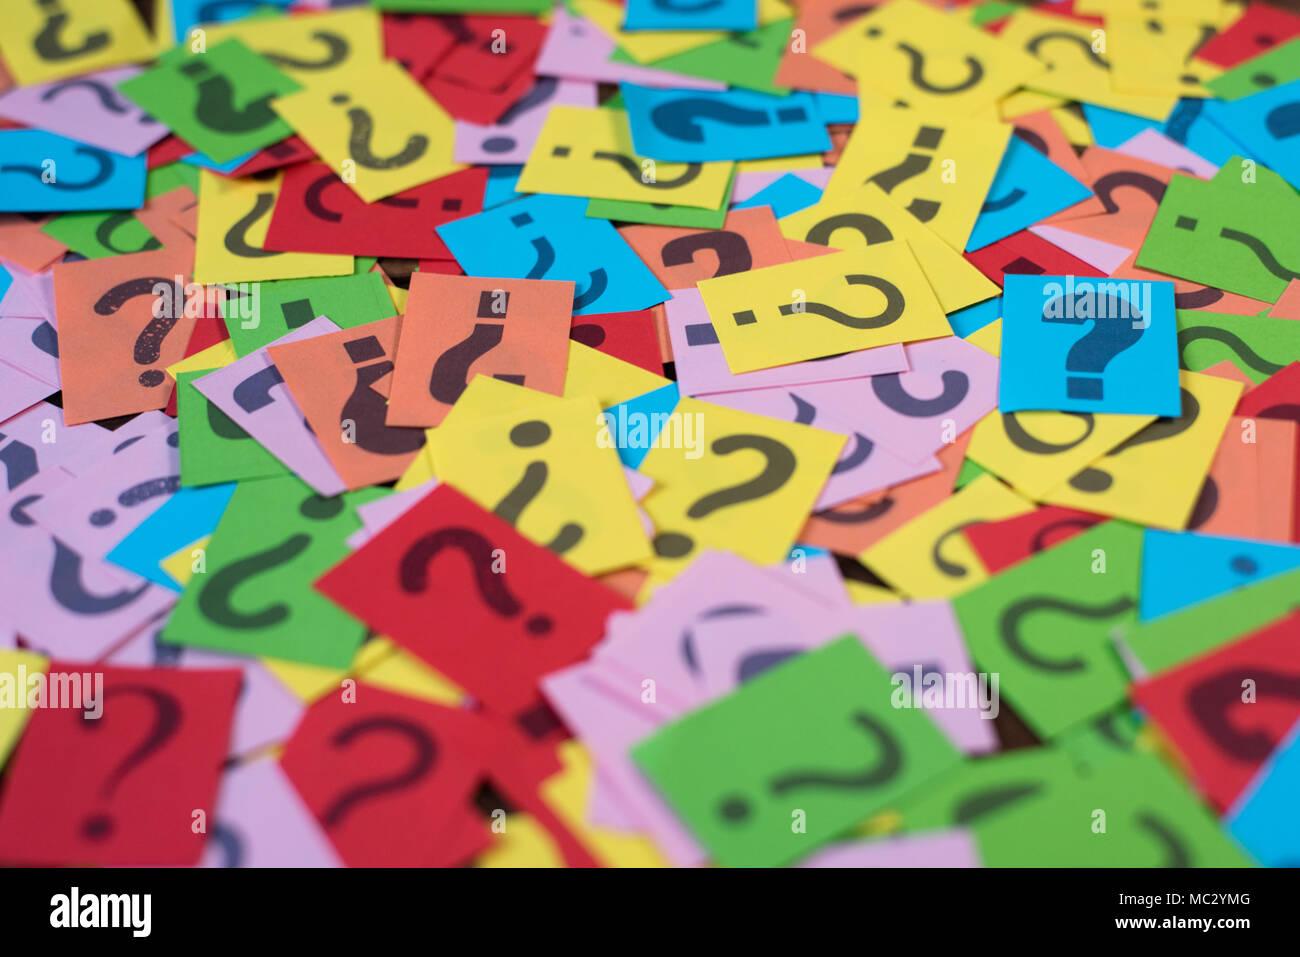 Colorido papel con signo de interrogación como fondo. misterio,la diversidad,preguntas concepto Foto de stock